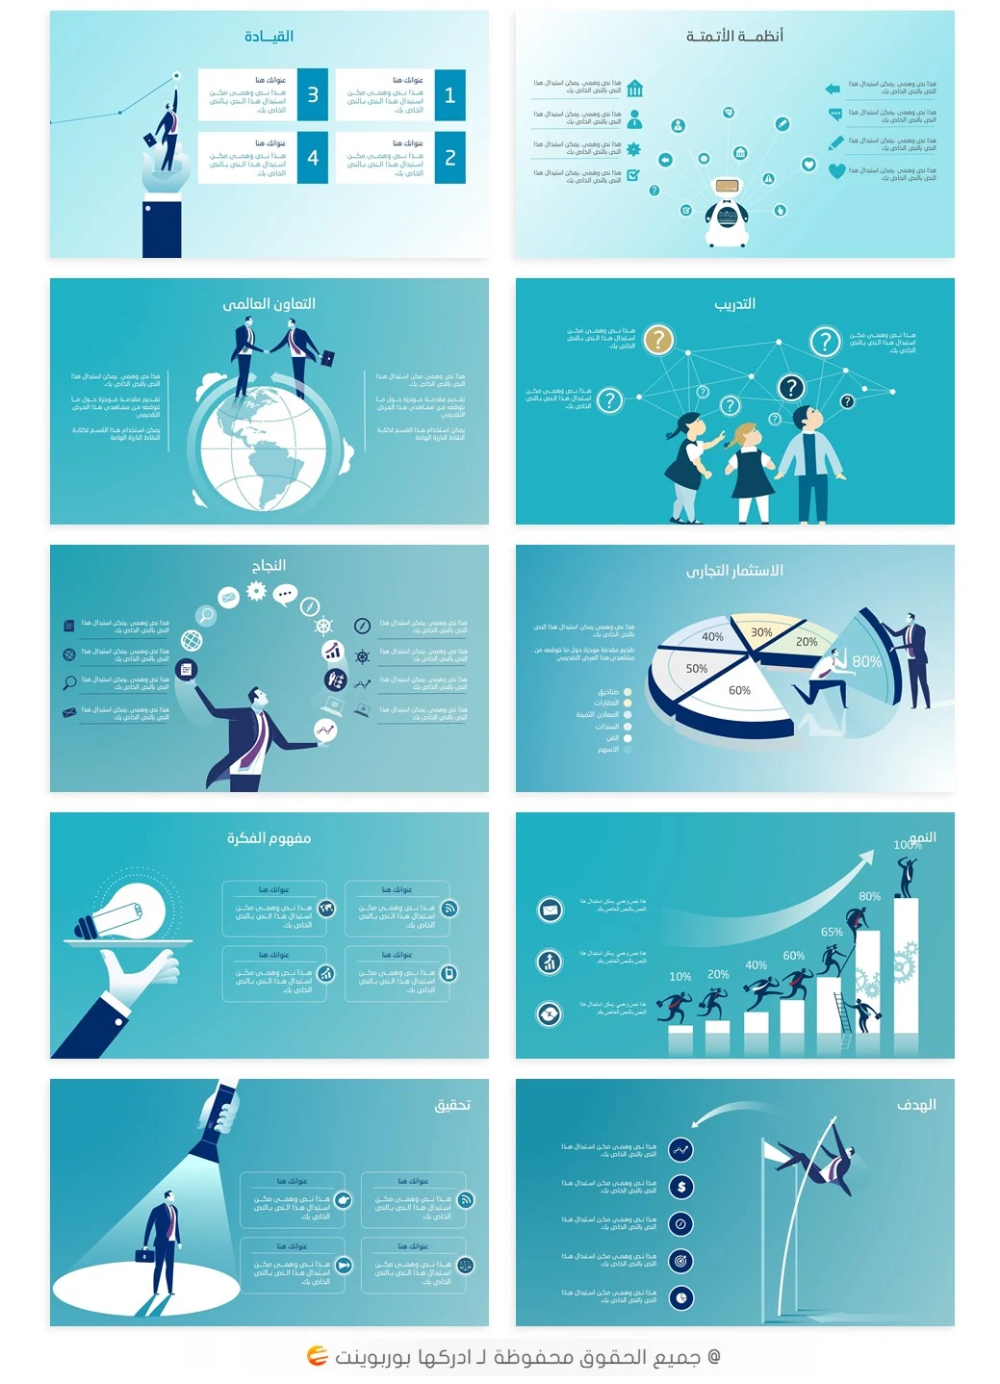 تحميل قالب بوربوينت عربي عن القيادة والنجاح جاهز للتعديل عليه ادركها بوربوينت Infographic Leadership Templates